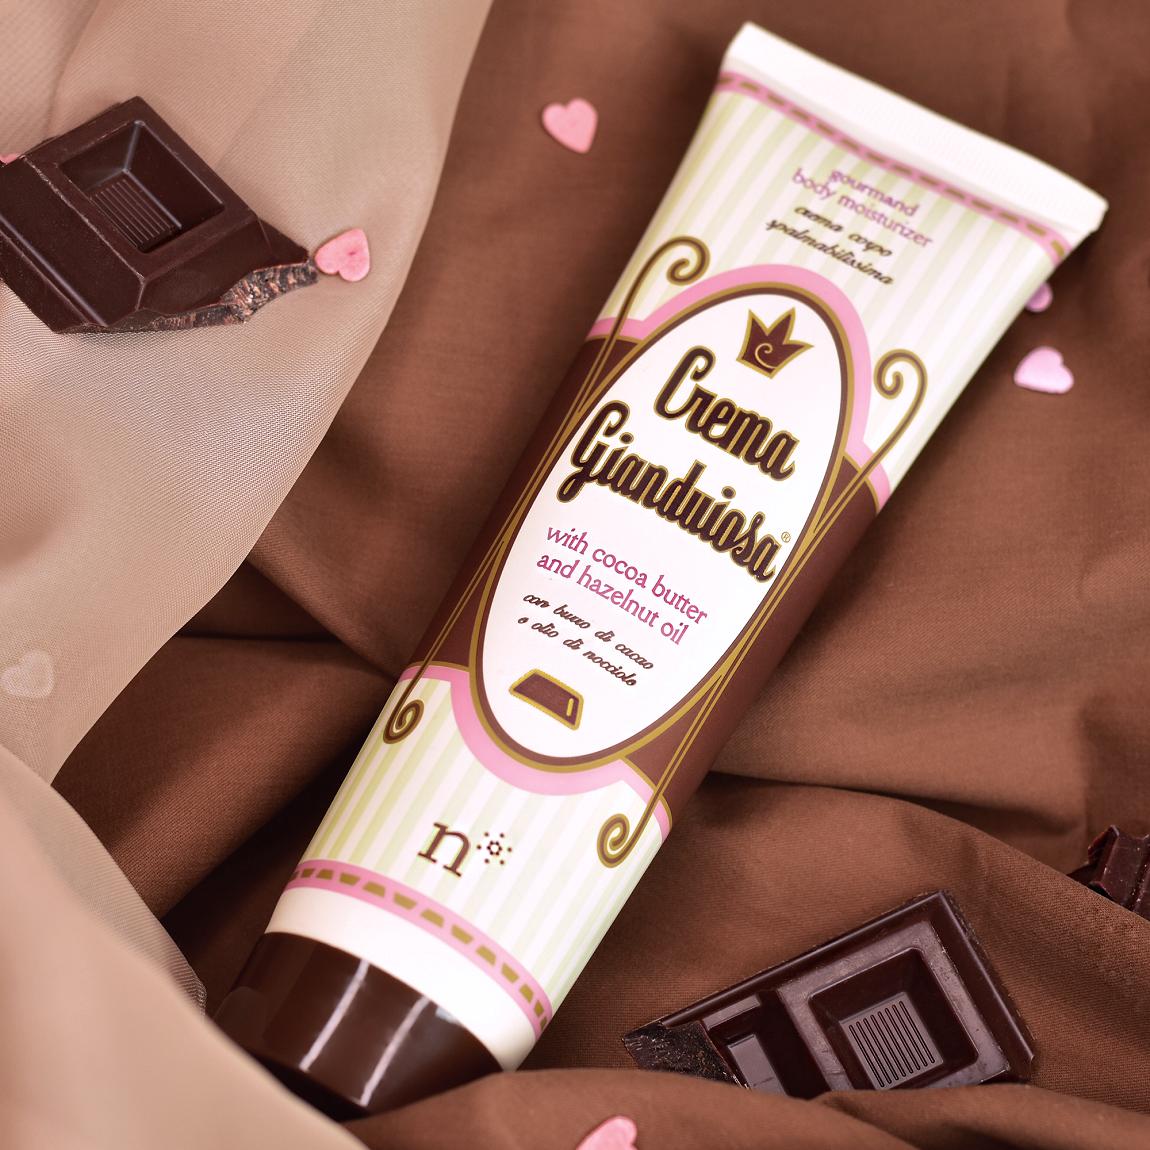 Crema Gianduiosa, l'idratante con burro di cacao per chi ama il cioccolato!